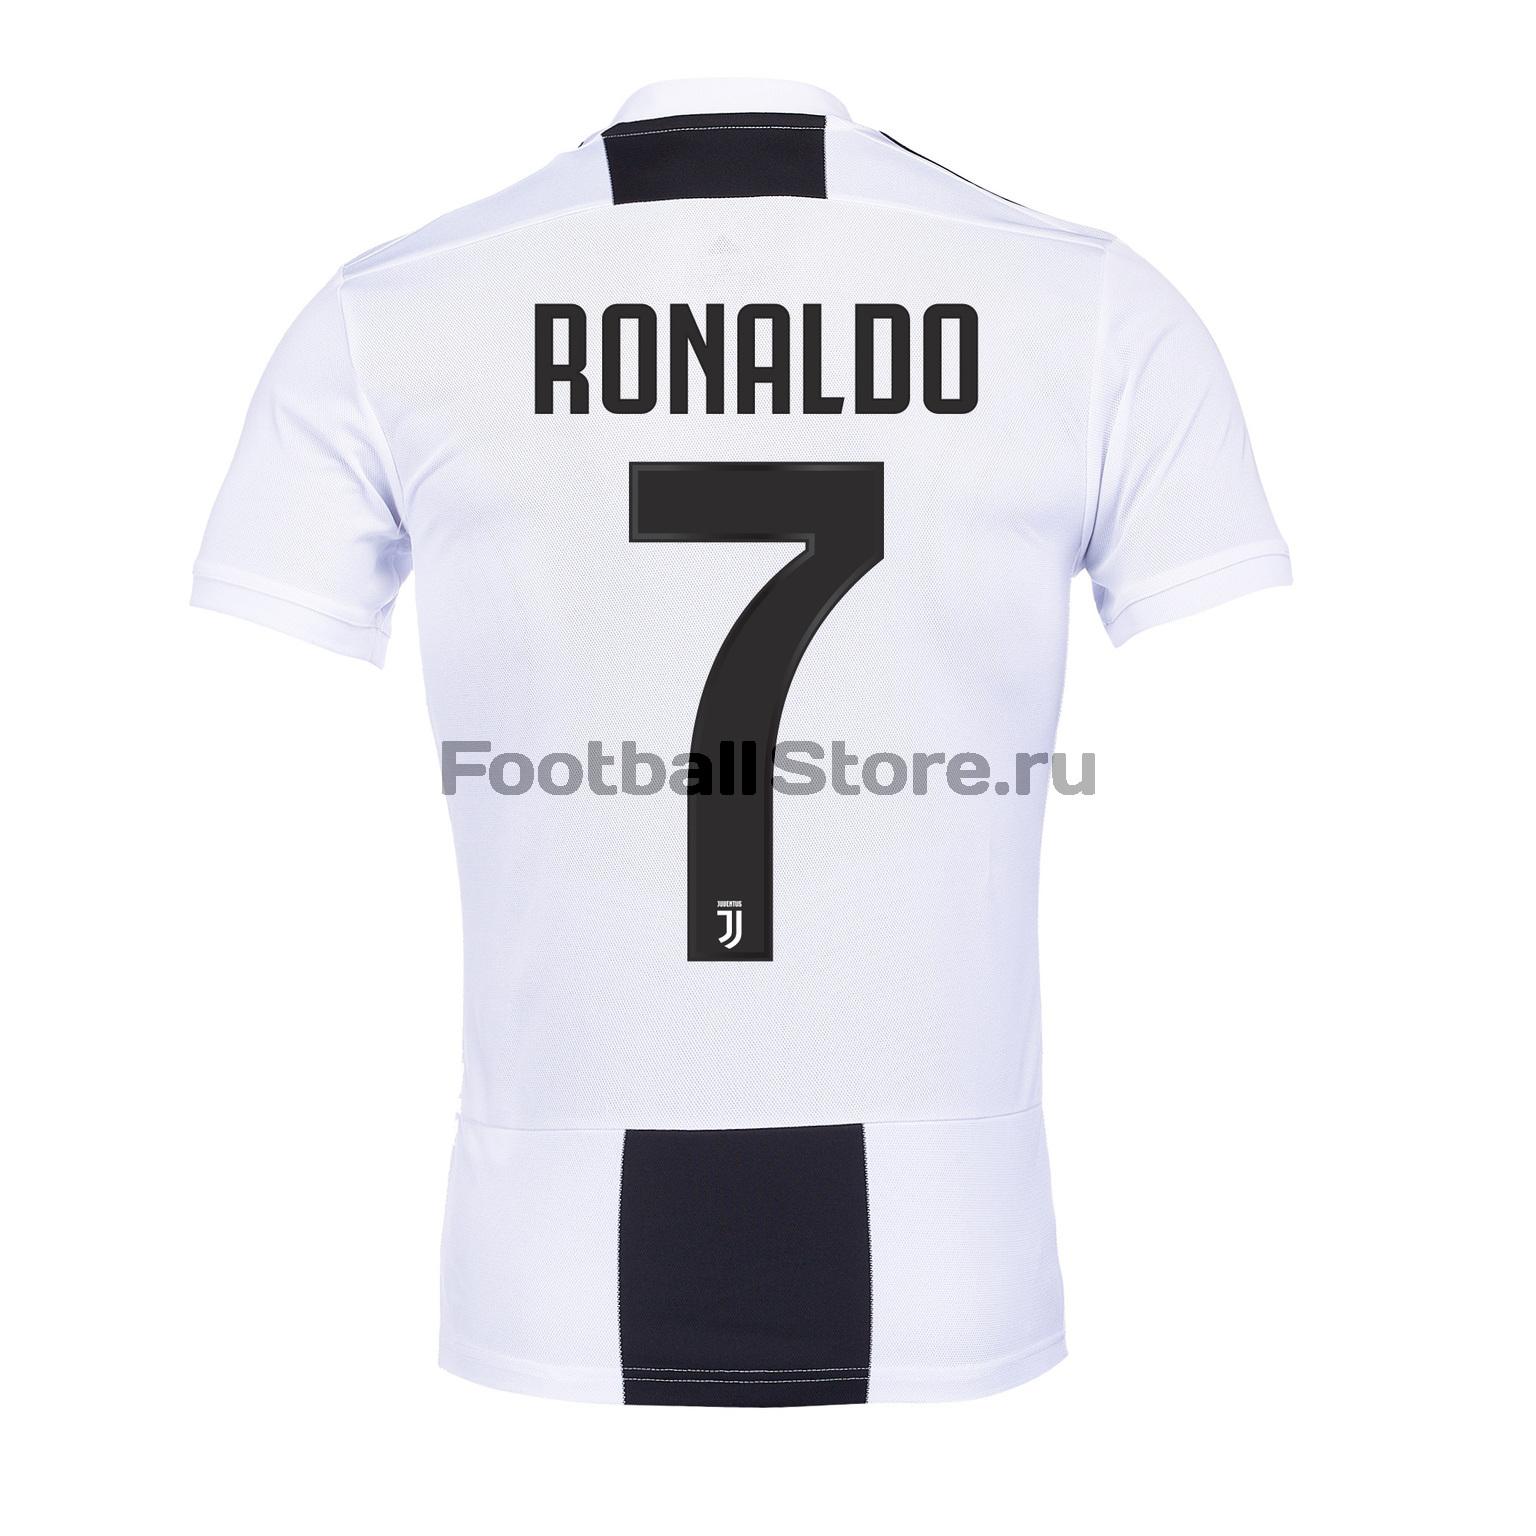 Футболка домашняя Adidas Juventus (Ювентус) Роналду-купить в  интернет-магазине footballstore e47a10e44a642